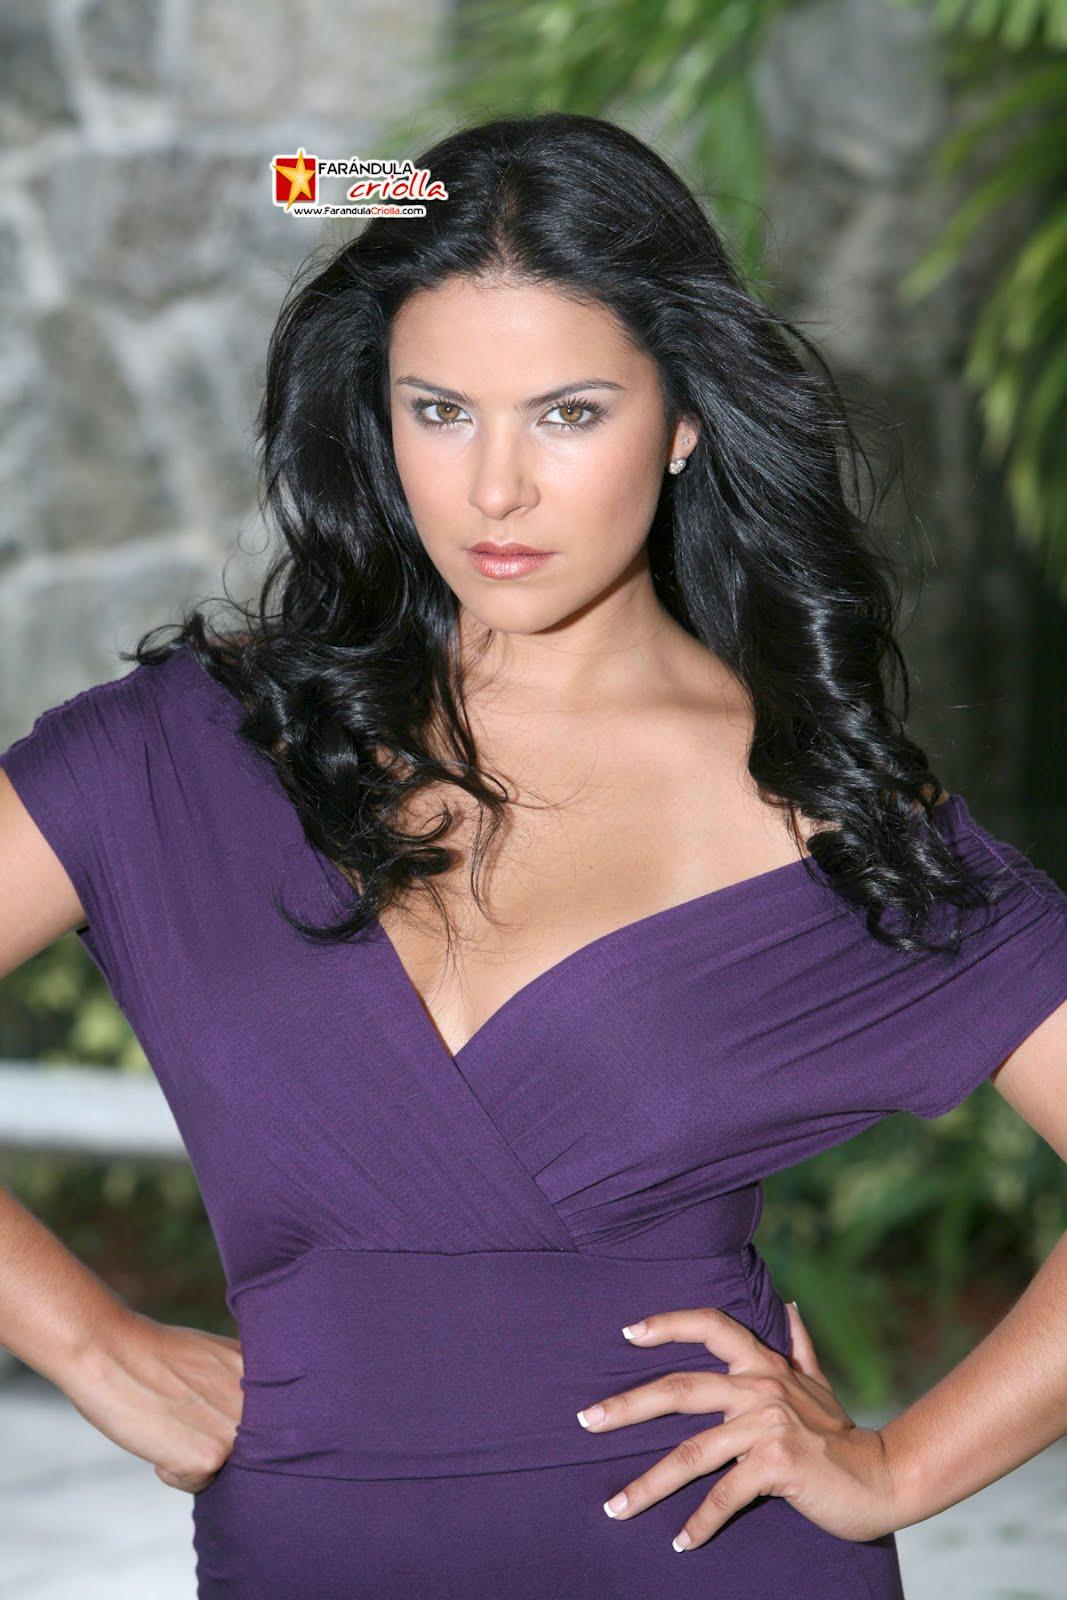 Laura angel la mujer del millonario sc4 - 3 1